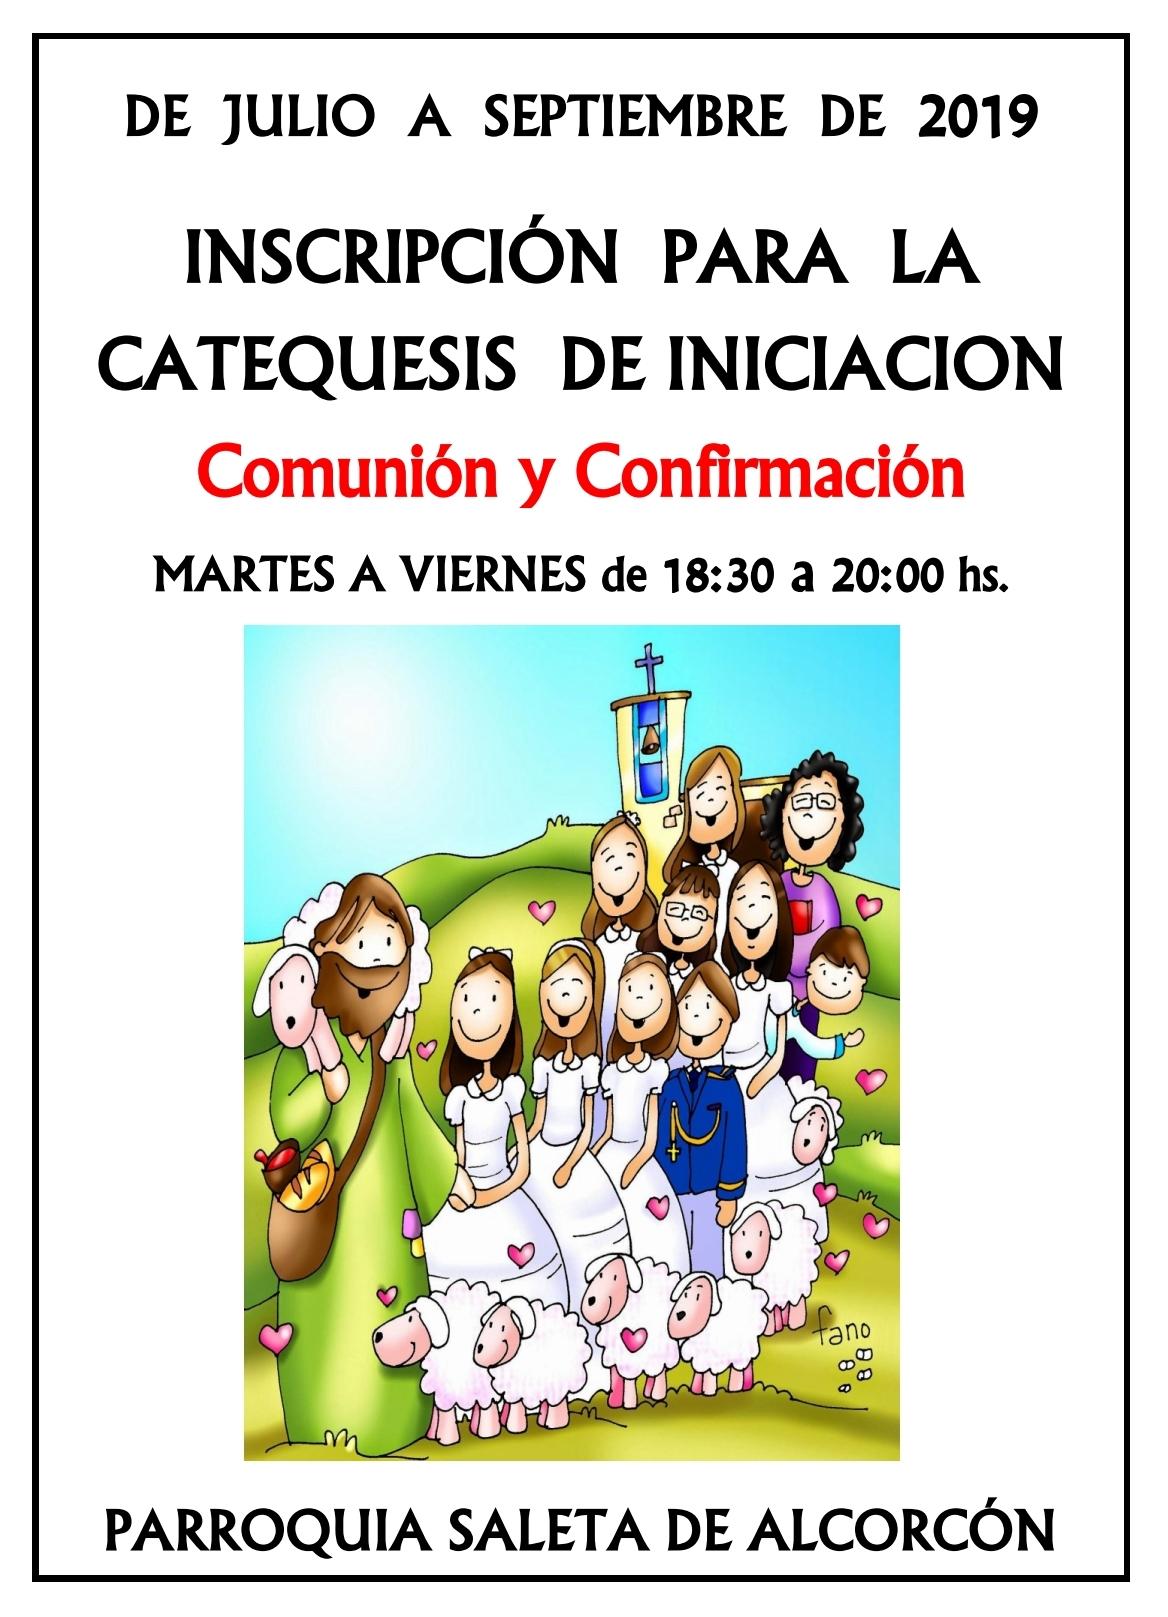 2019-2020 - Cartel inscripción catequesis